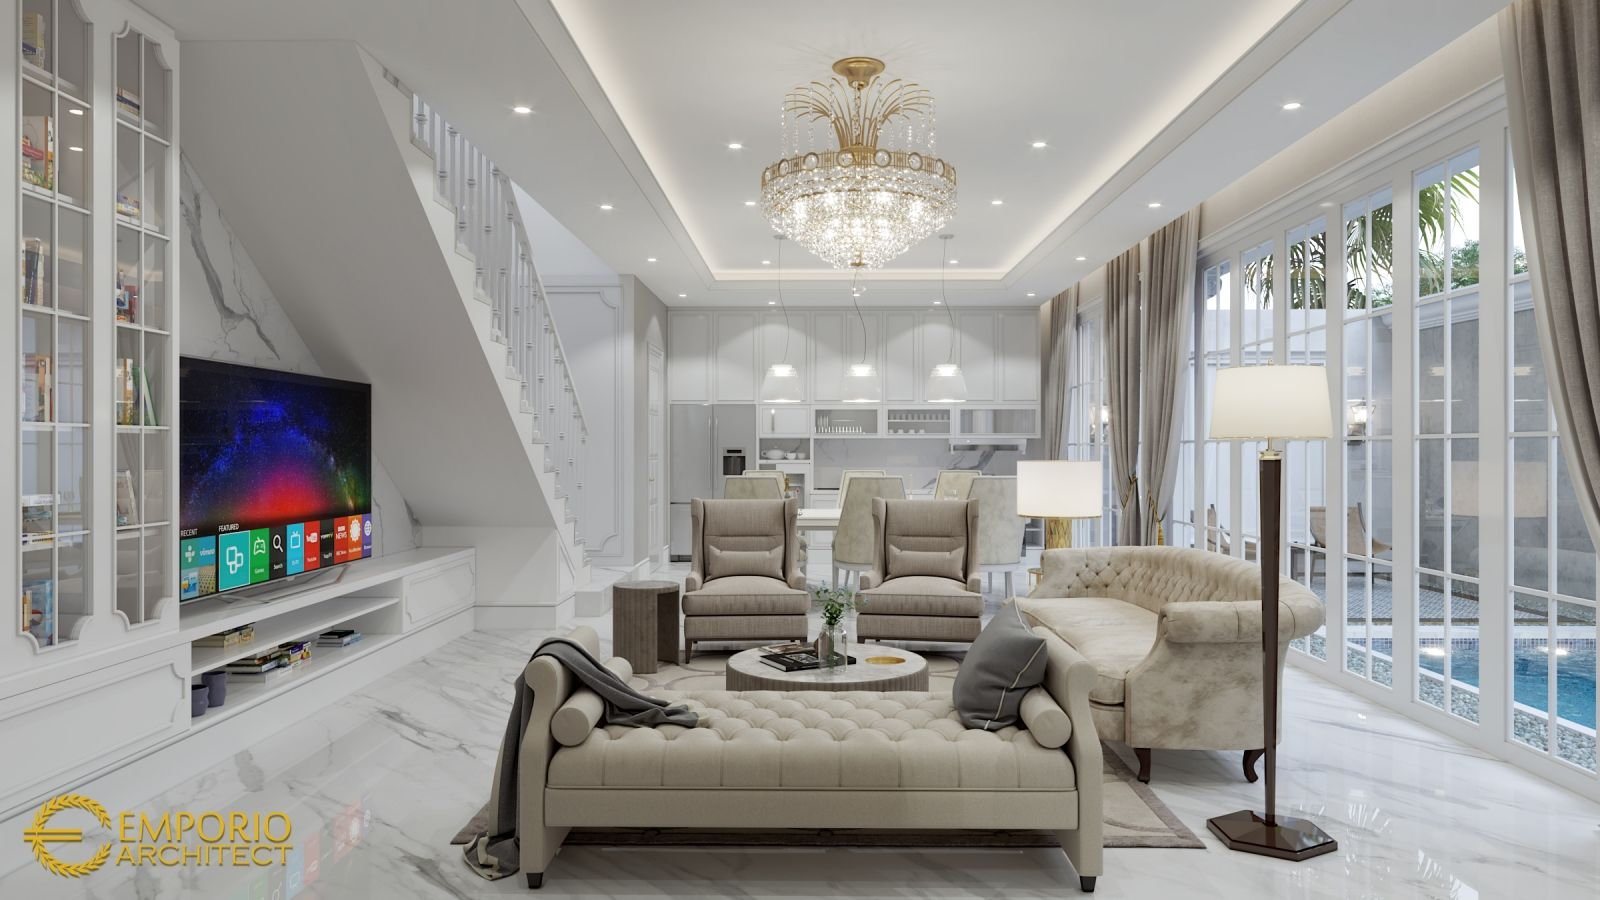 Jasa Desain Interior Rumah - Living Room #desaininterior #desaininteriorrumah #jasainterior #jasadesaininterior #interiorrumah #jasainteriorrumah #interiorrumahminimalis #interiorrumahmodern